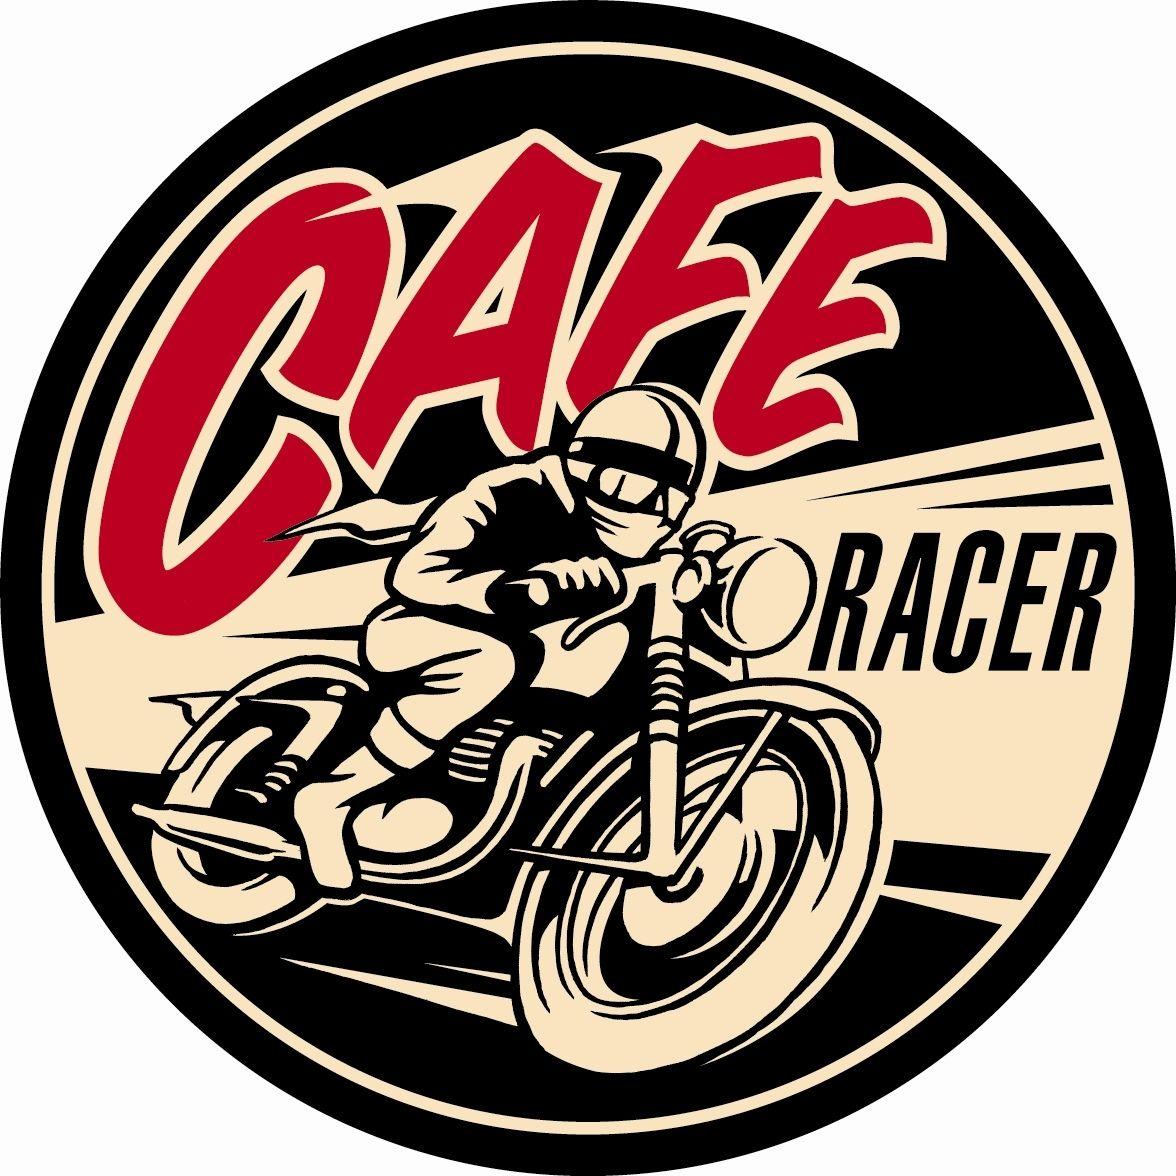 Pin up motorcycle line art jpg - Cafe Racer La Tendance Des Motards Trendy